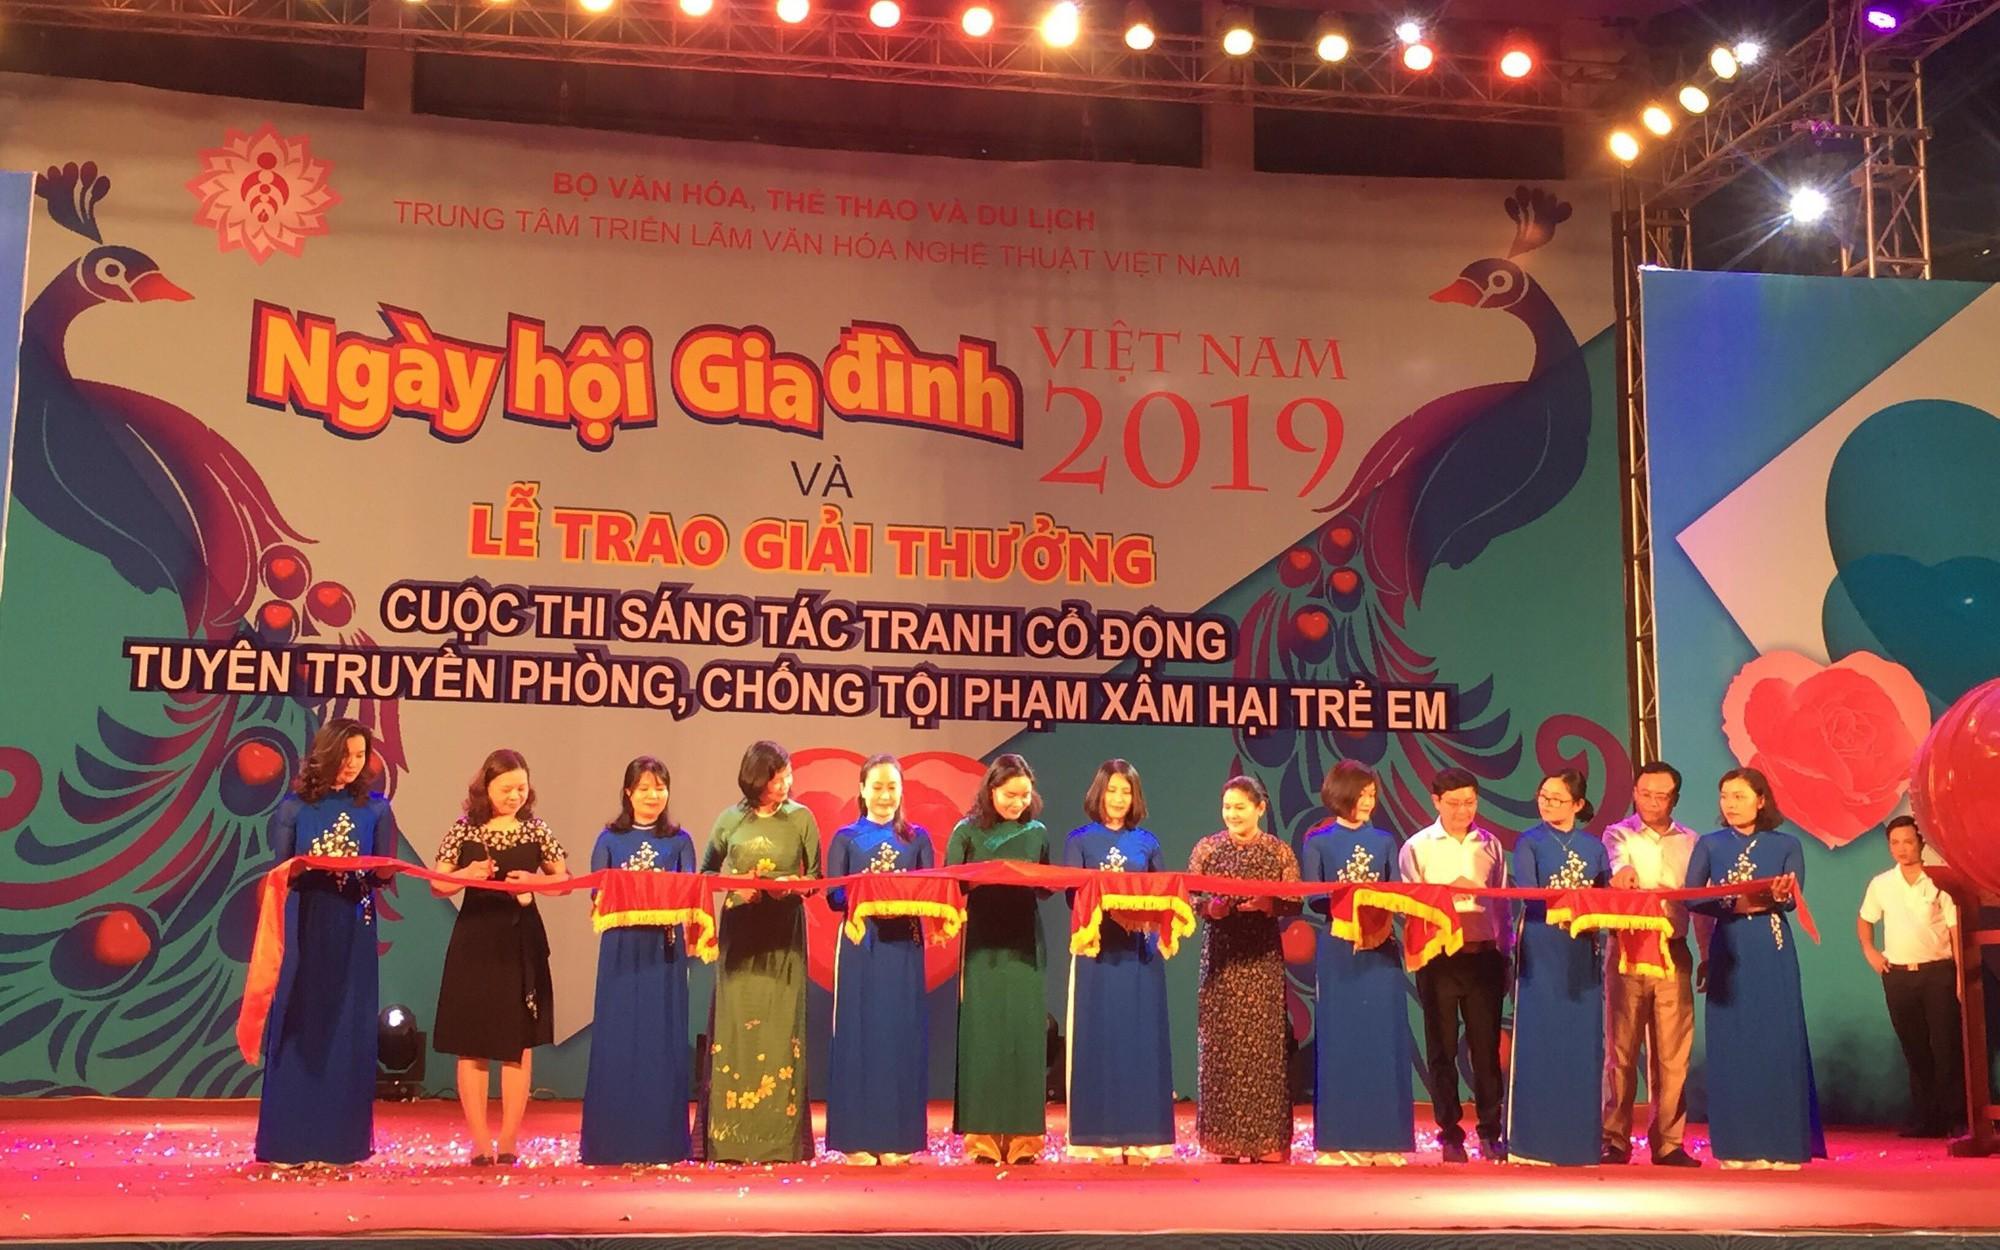 Khai mạc Ngày hội Gia đình Việt Nam 2019